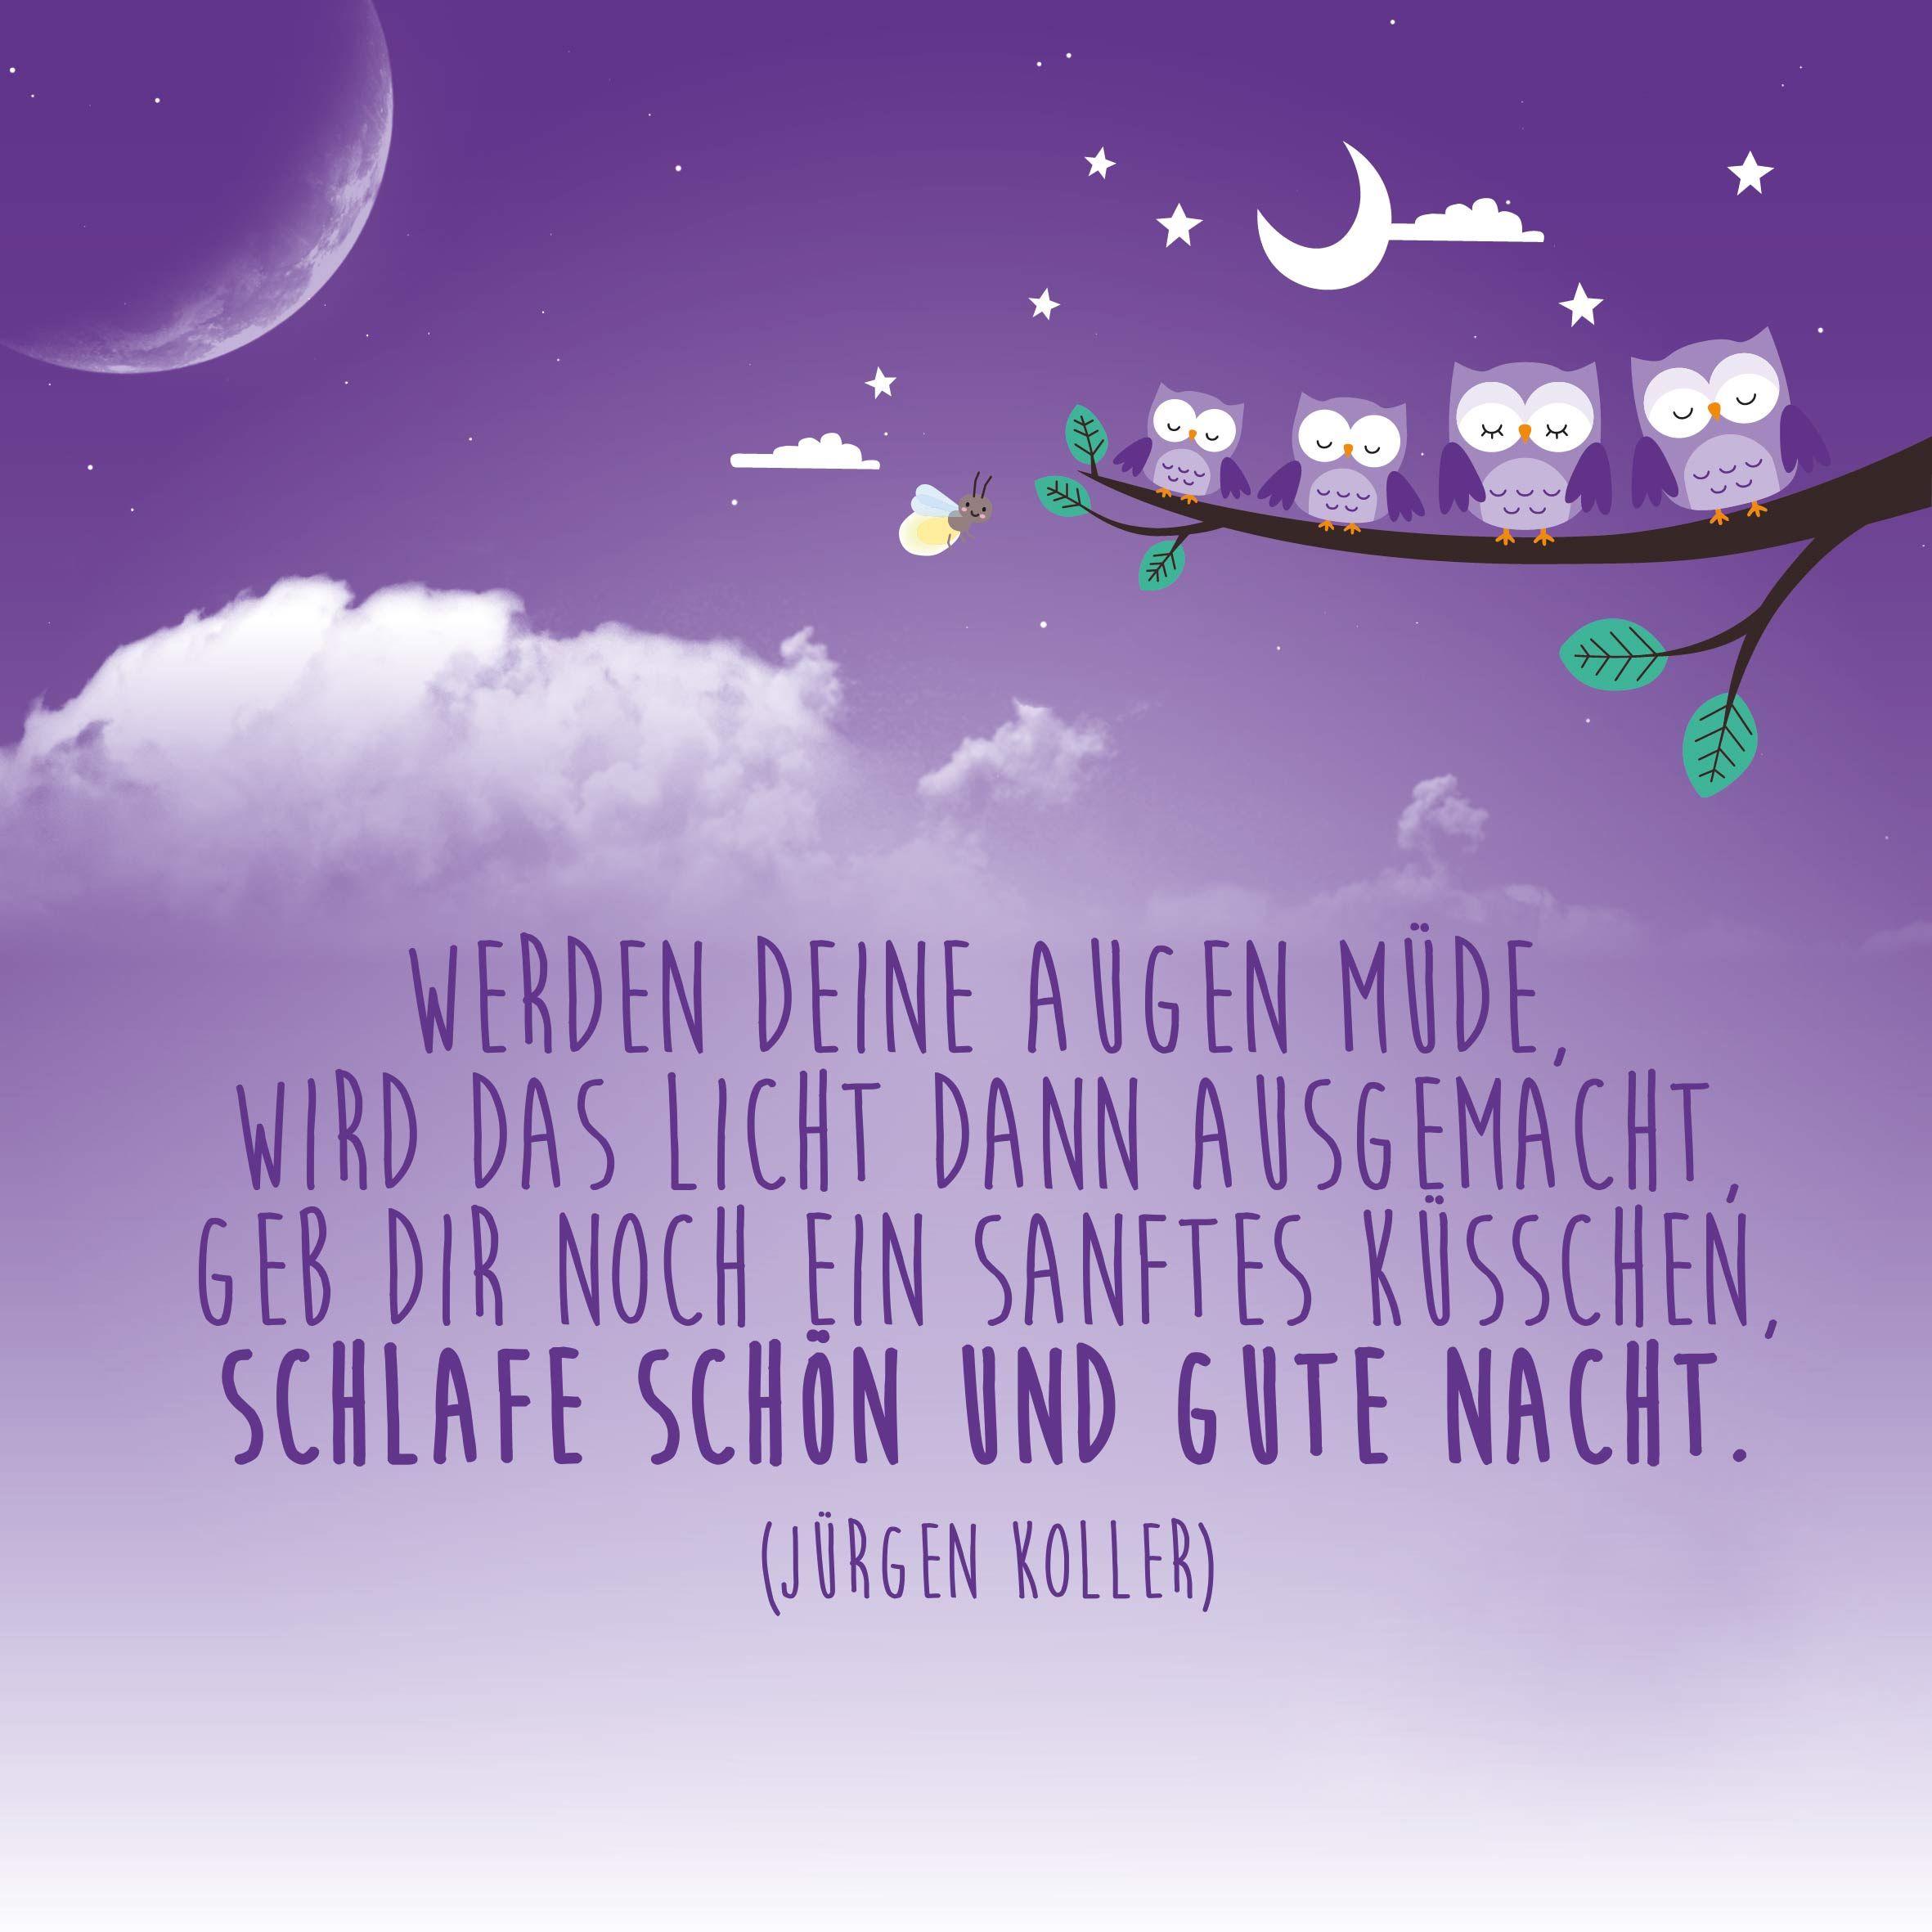 Baby Spruch | einschlafen | Gute nacht, Gute nacht zitate